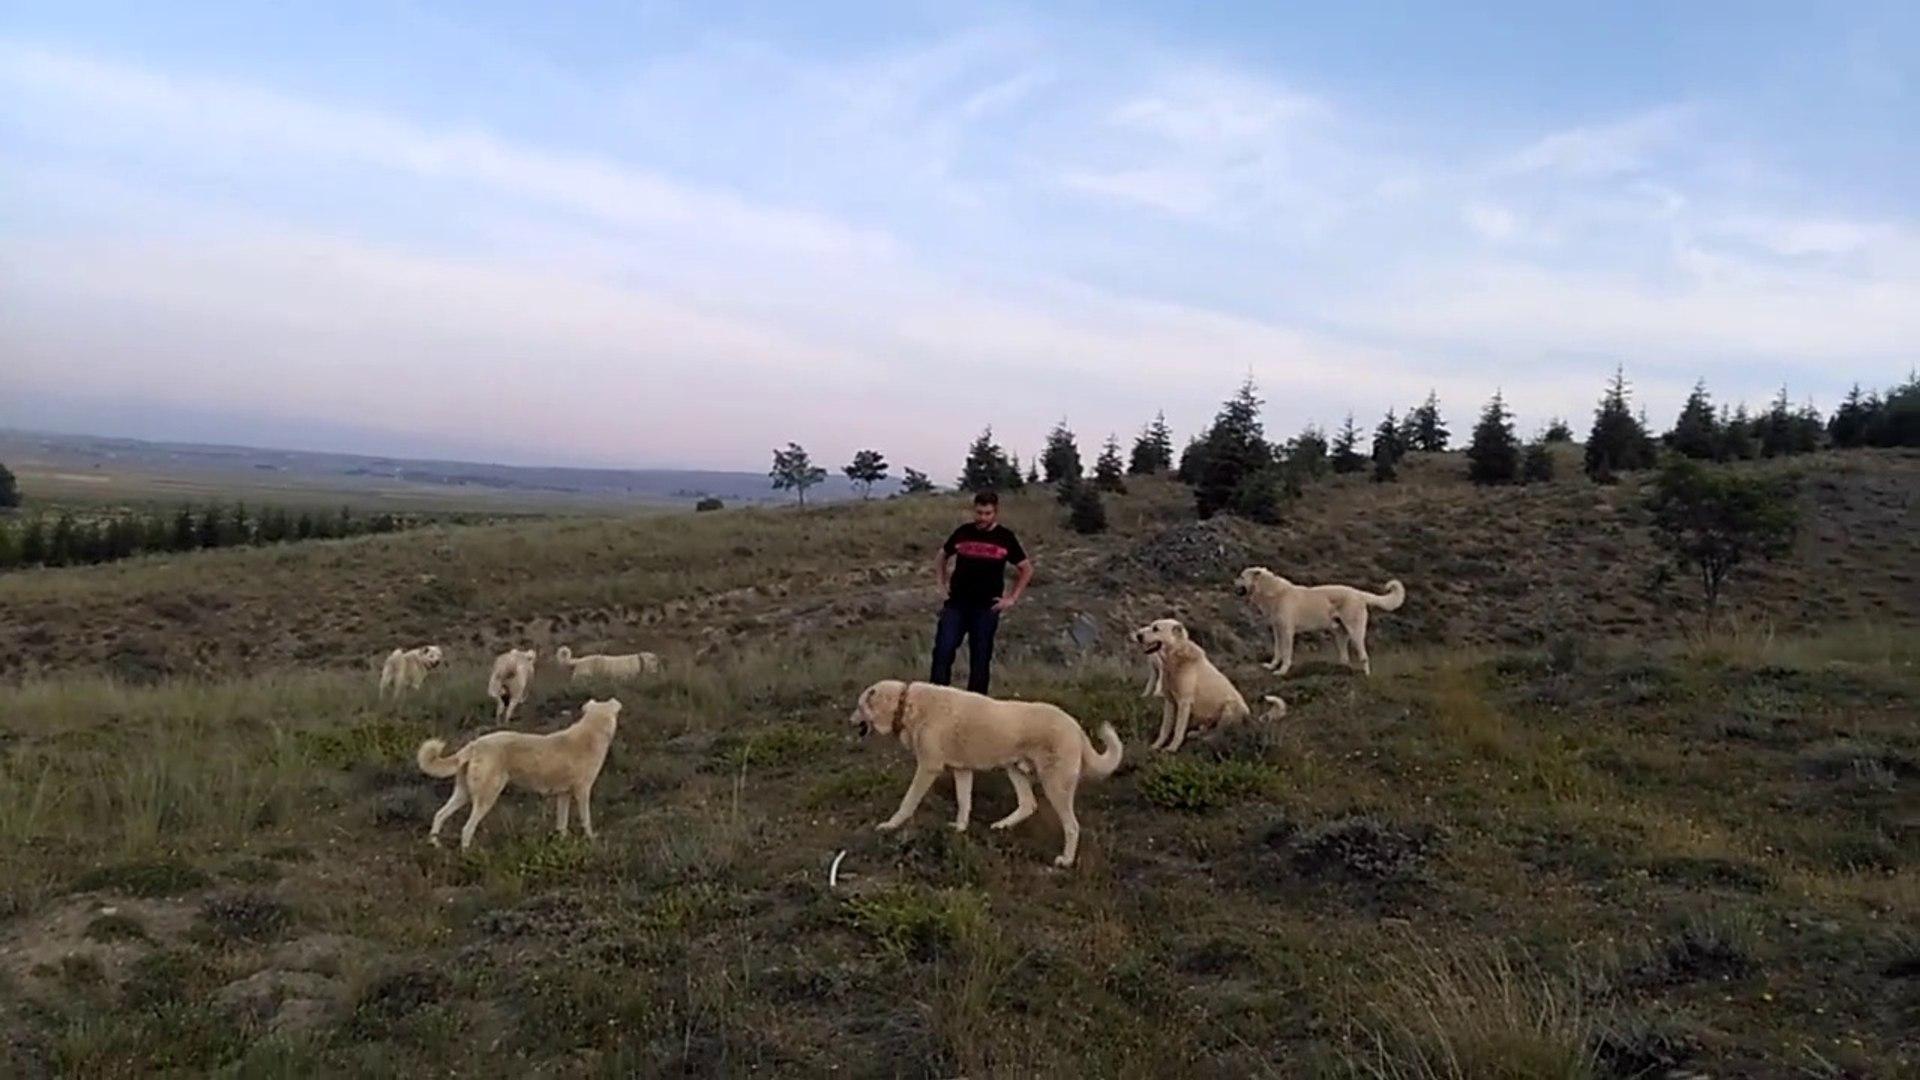 TURKiYENiN DUNYADAKi GURURU AKBAS COBAN KOPEKLERi - ANATOLiAN SHEPHERD AKBASH DOG